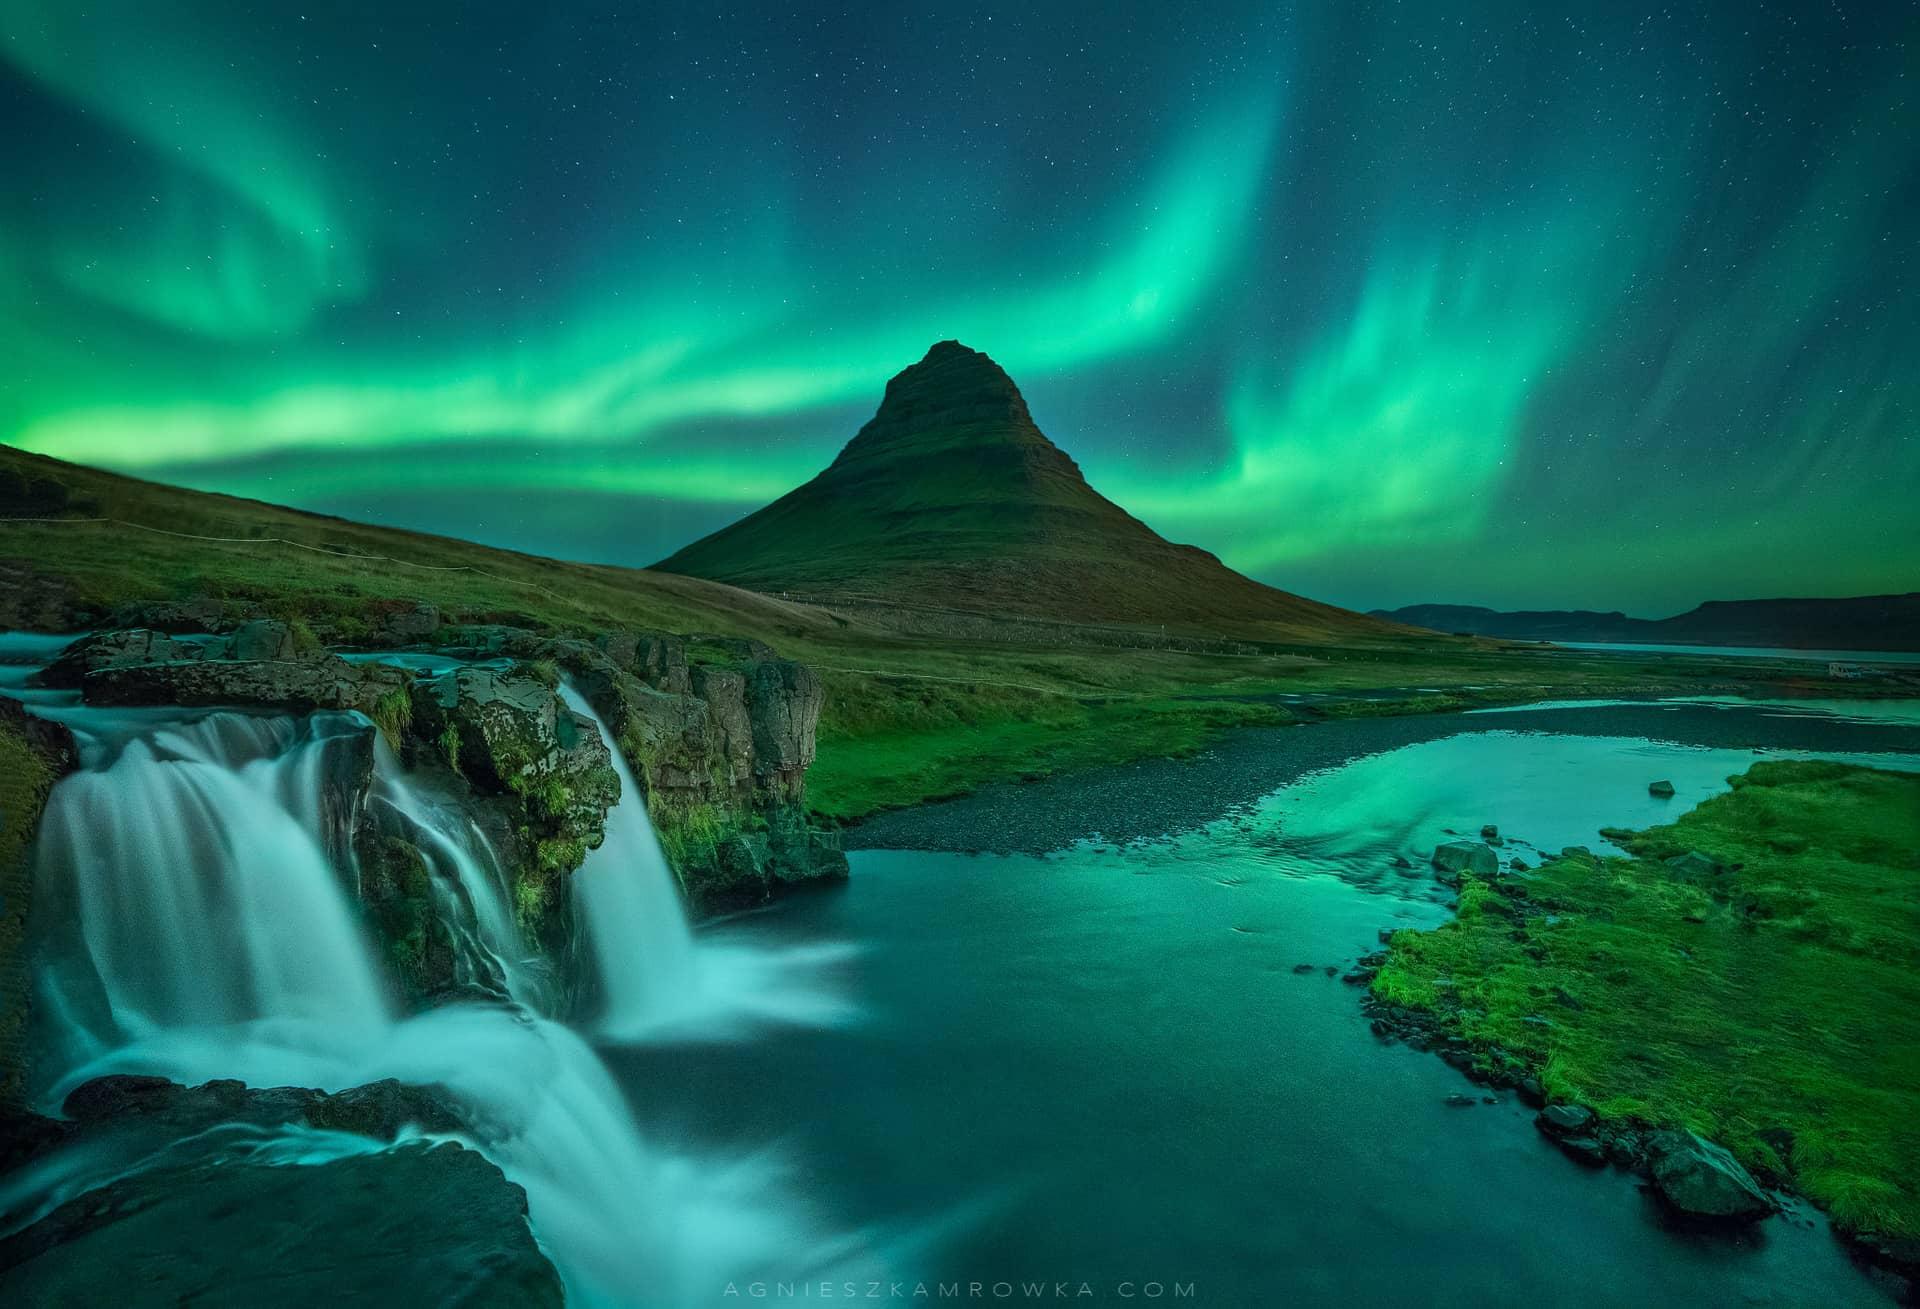 Best Aurora Borealis images Iceland